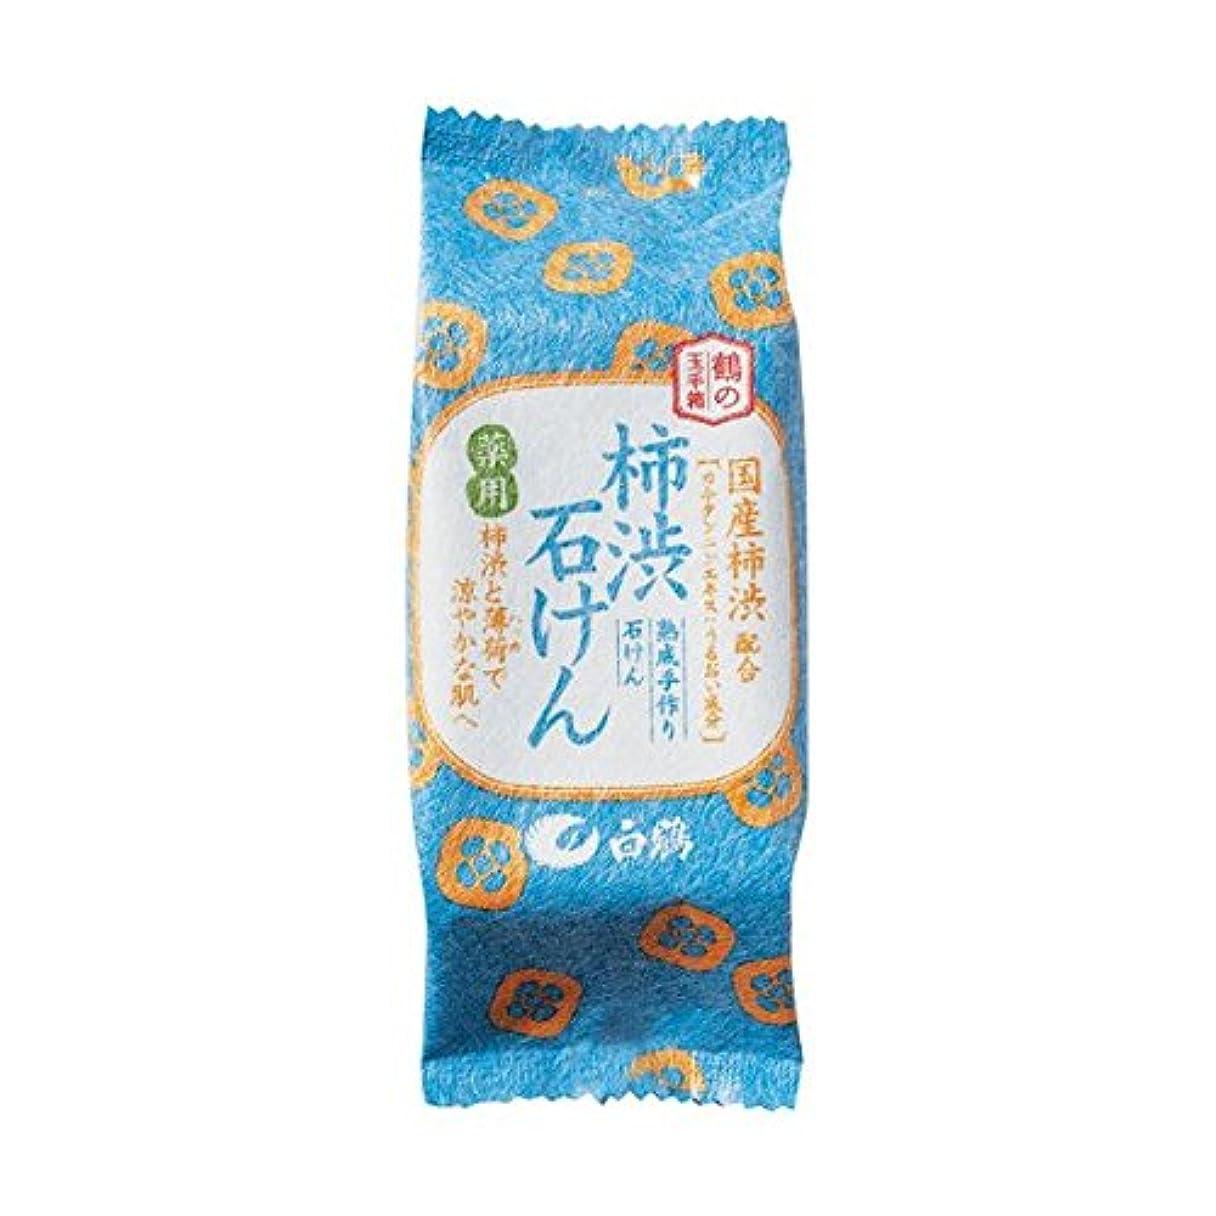 スプリット傘ケープ白鶴 鶴の玉手箱 薬用 柿渋石けん 110g × 3個